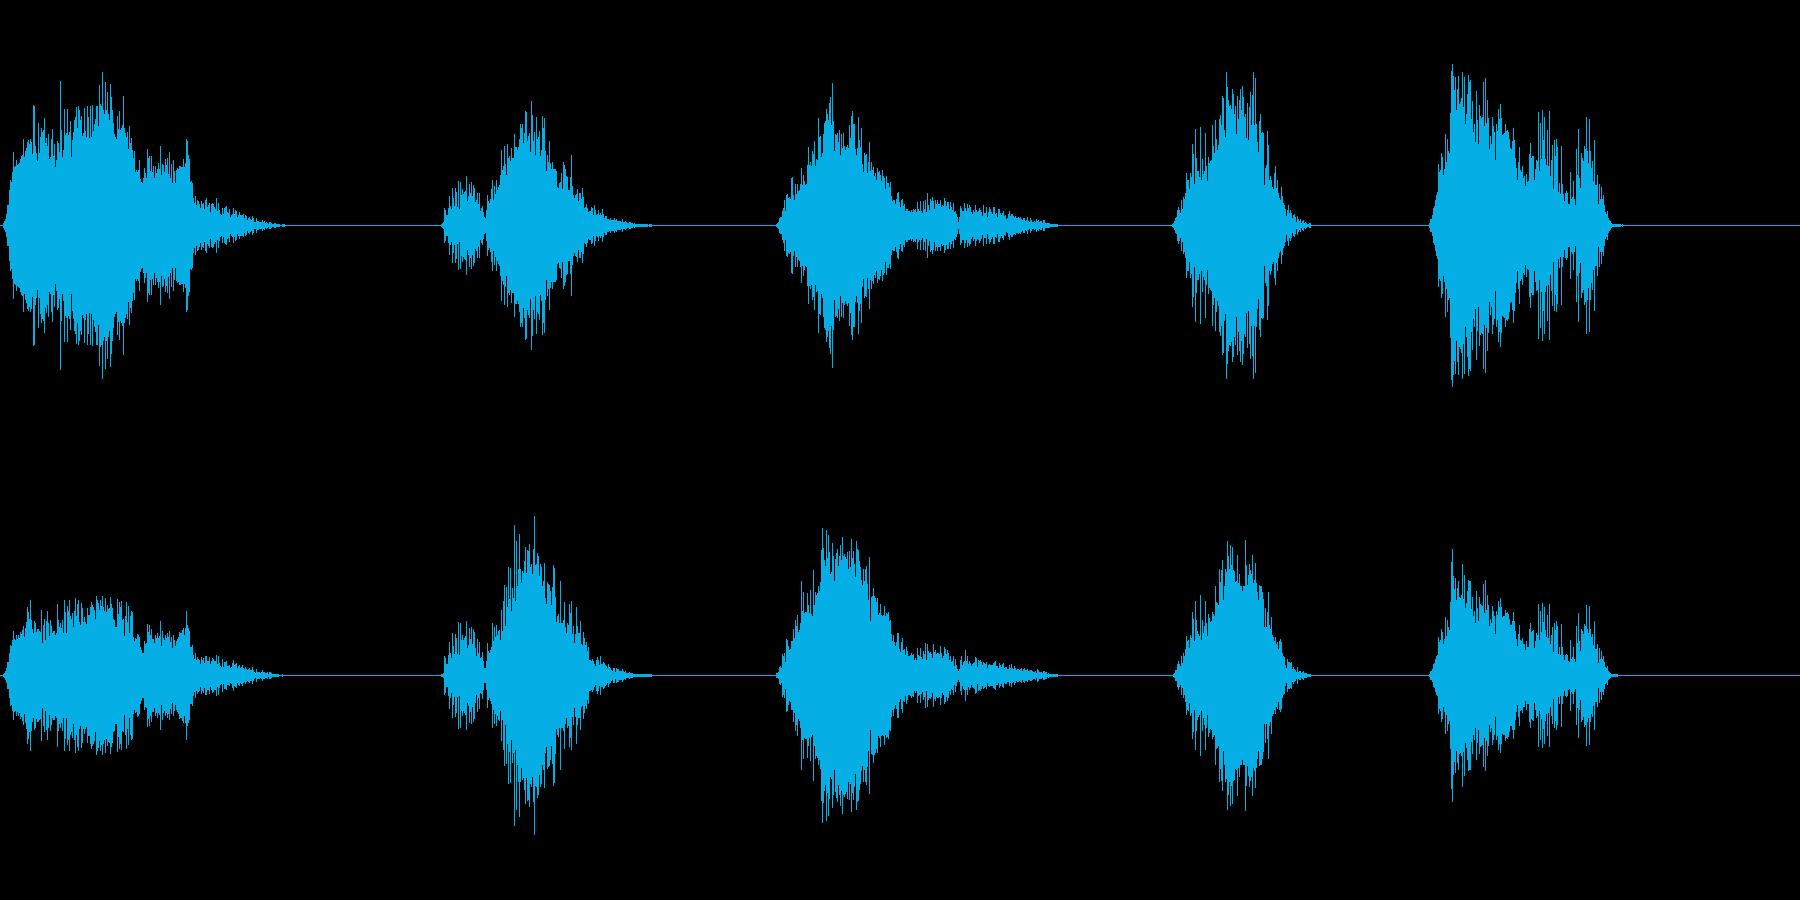 恐竜の叫び;不気味で低く、リバーブ...の再生済みの波形